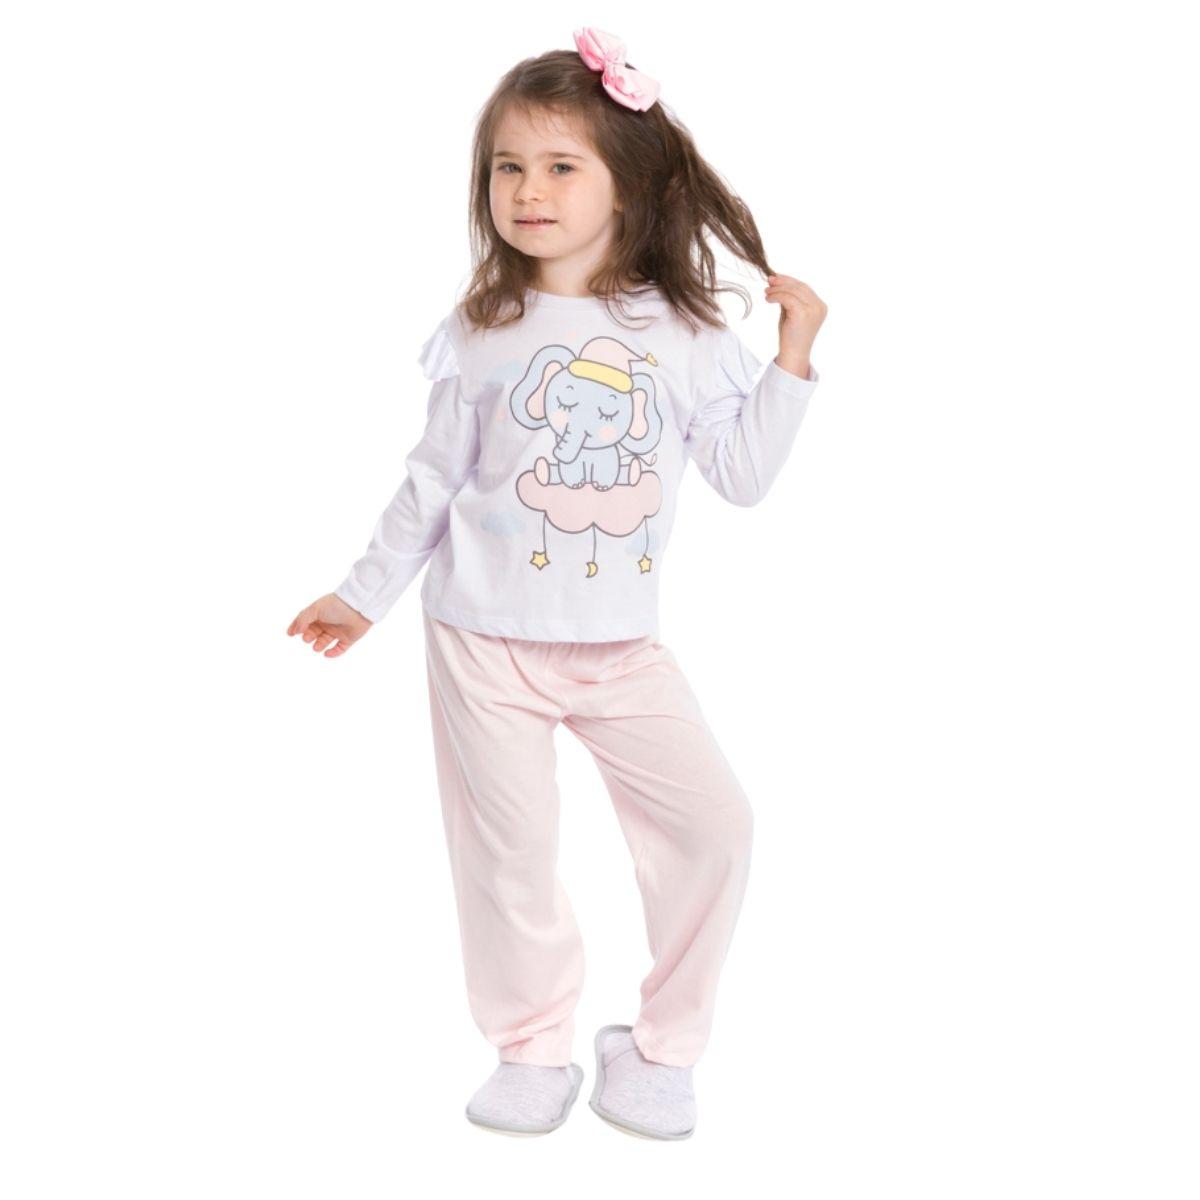 Pijama bebê menina algodão frio bichinho rosa